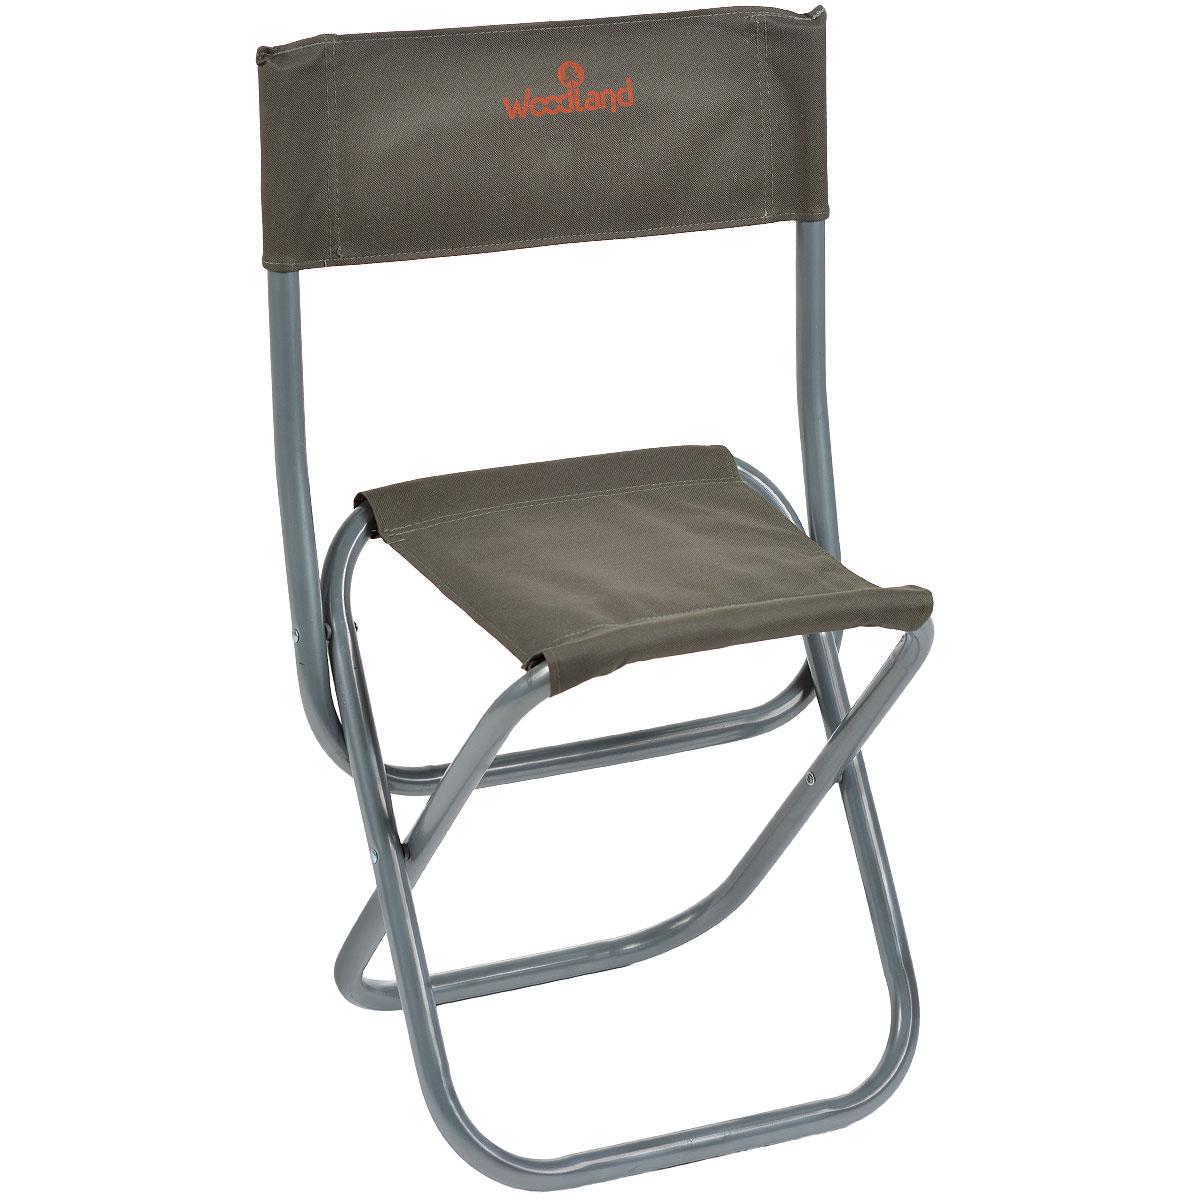 Кресло складное Woodland Tourist, 30 см х 44 см х 70 см0042105Складное кресло Woodland Tourist предназначено для создания комфортных условий в туристических походах, охоте, рыбалке и кемпинге. Особенности: Компактная и усиленная стальная конструкция. Прочный стальной каркас диаметром 22 мм. Водоотталкивающее ПВХ покрытие ткани Oxford 600.